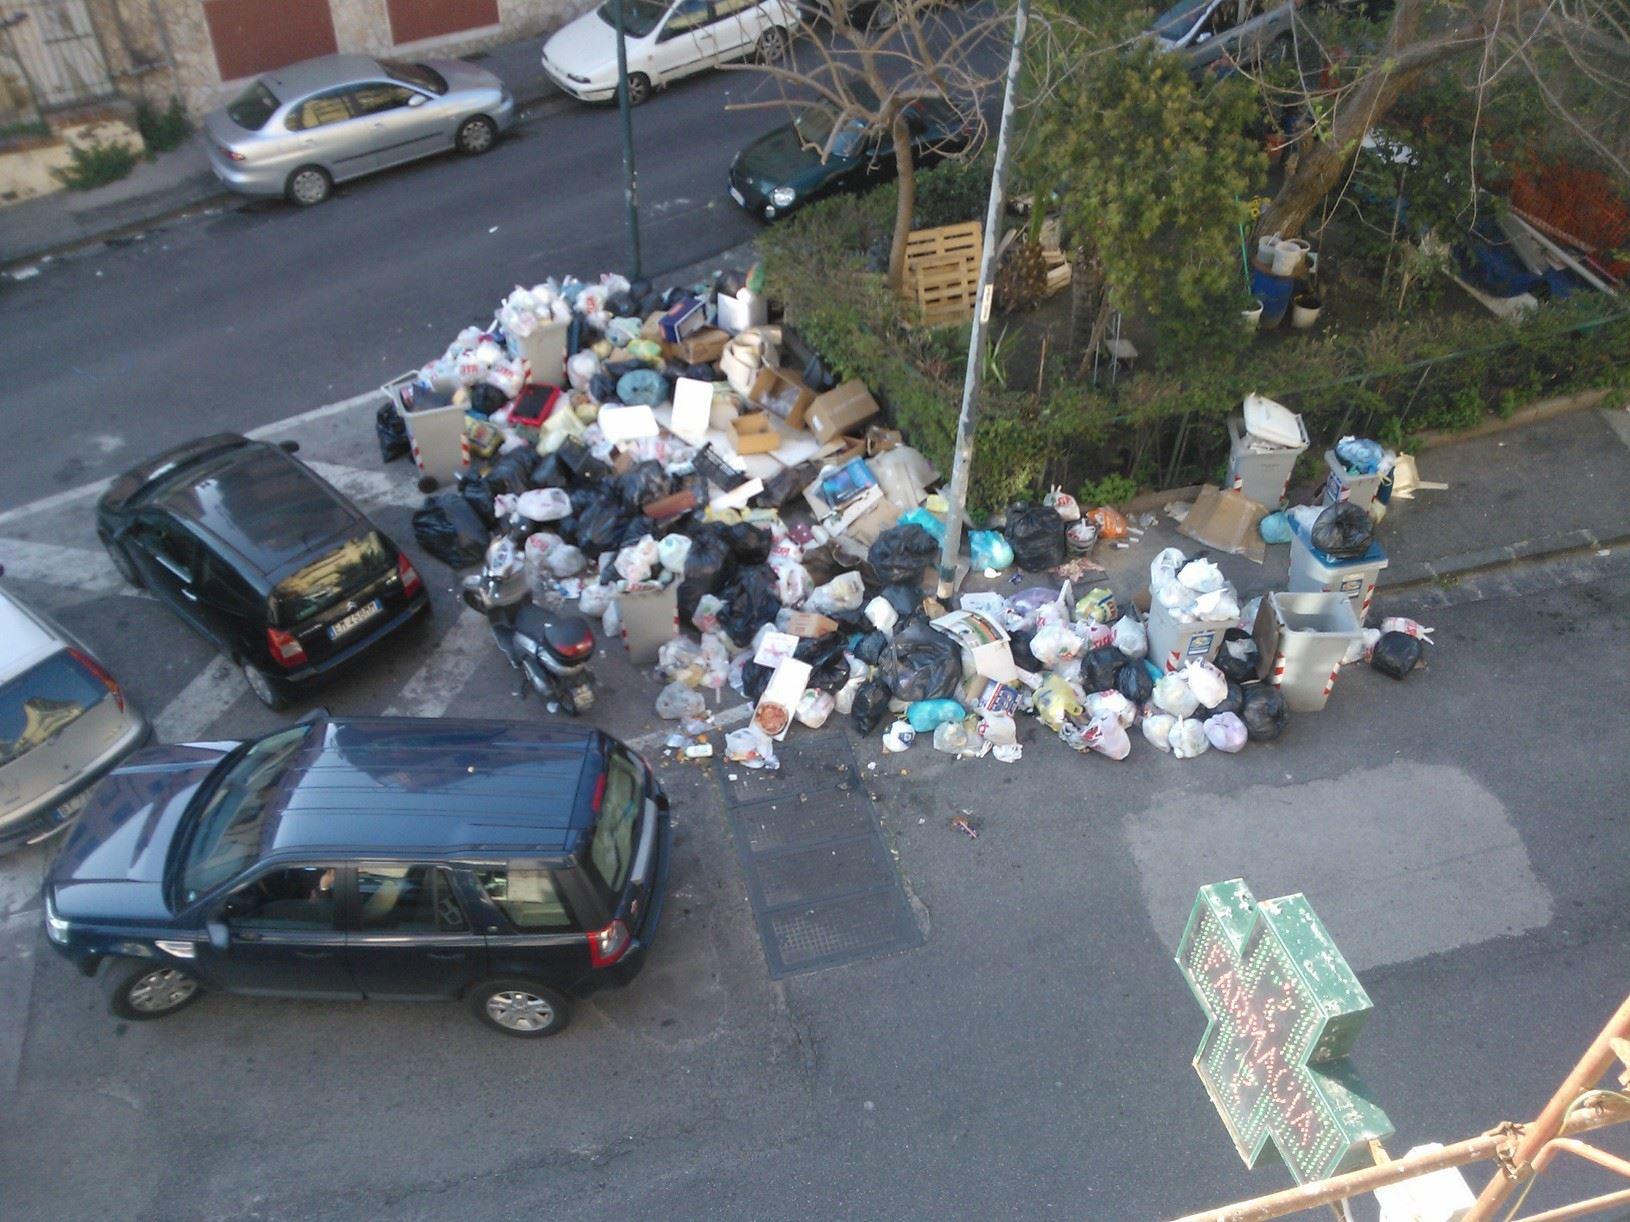 X Municipalità di Napoli: sommersa di nuovo dalla spazzatura